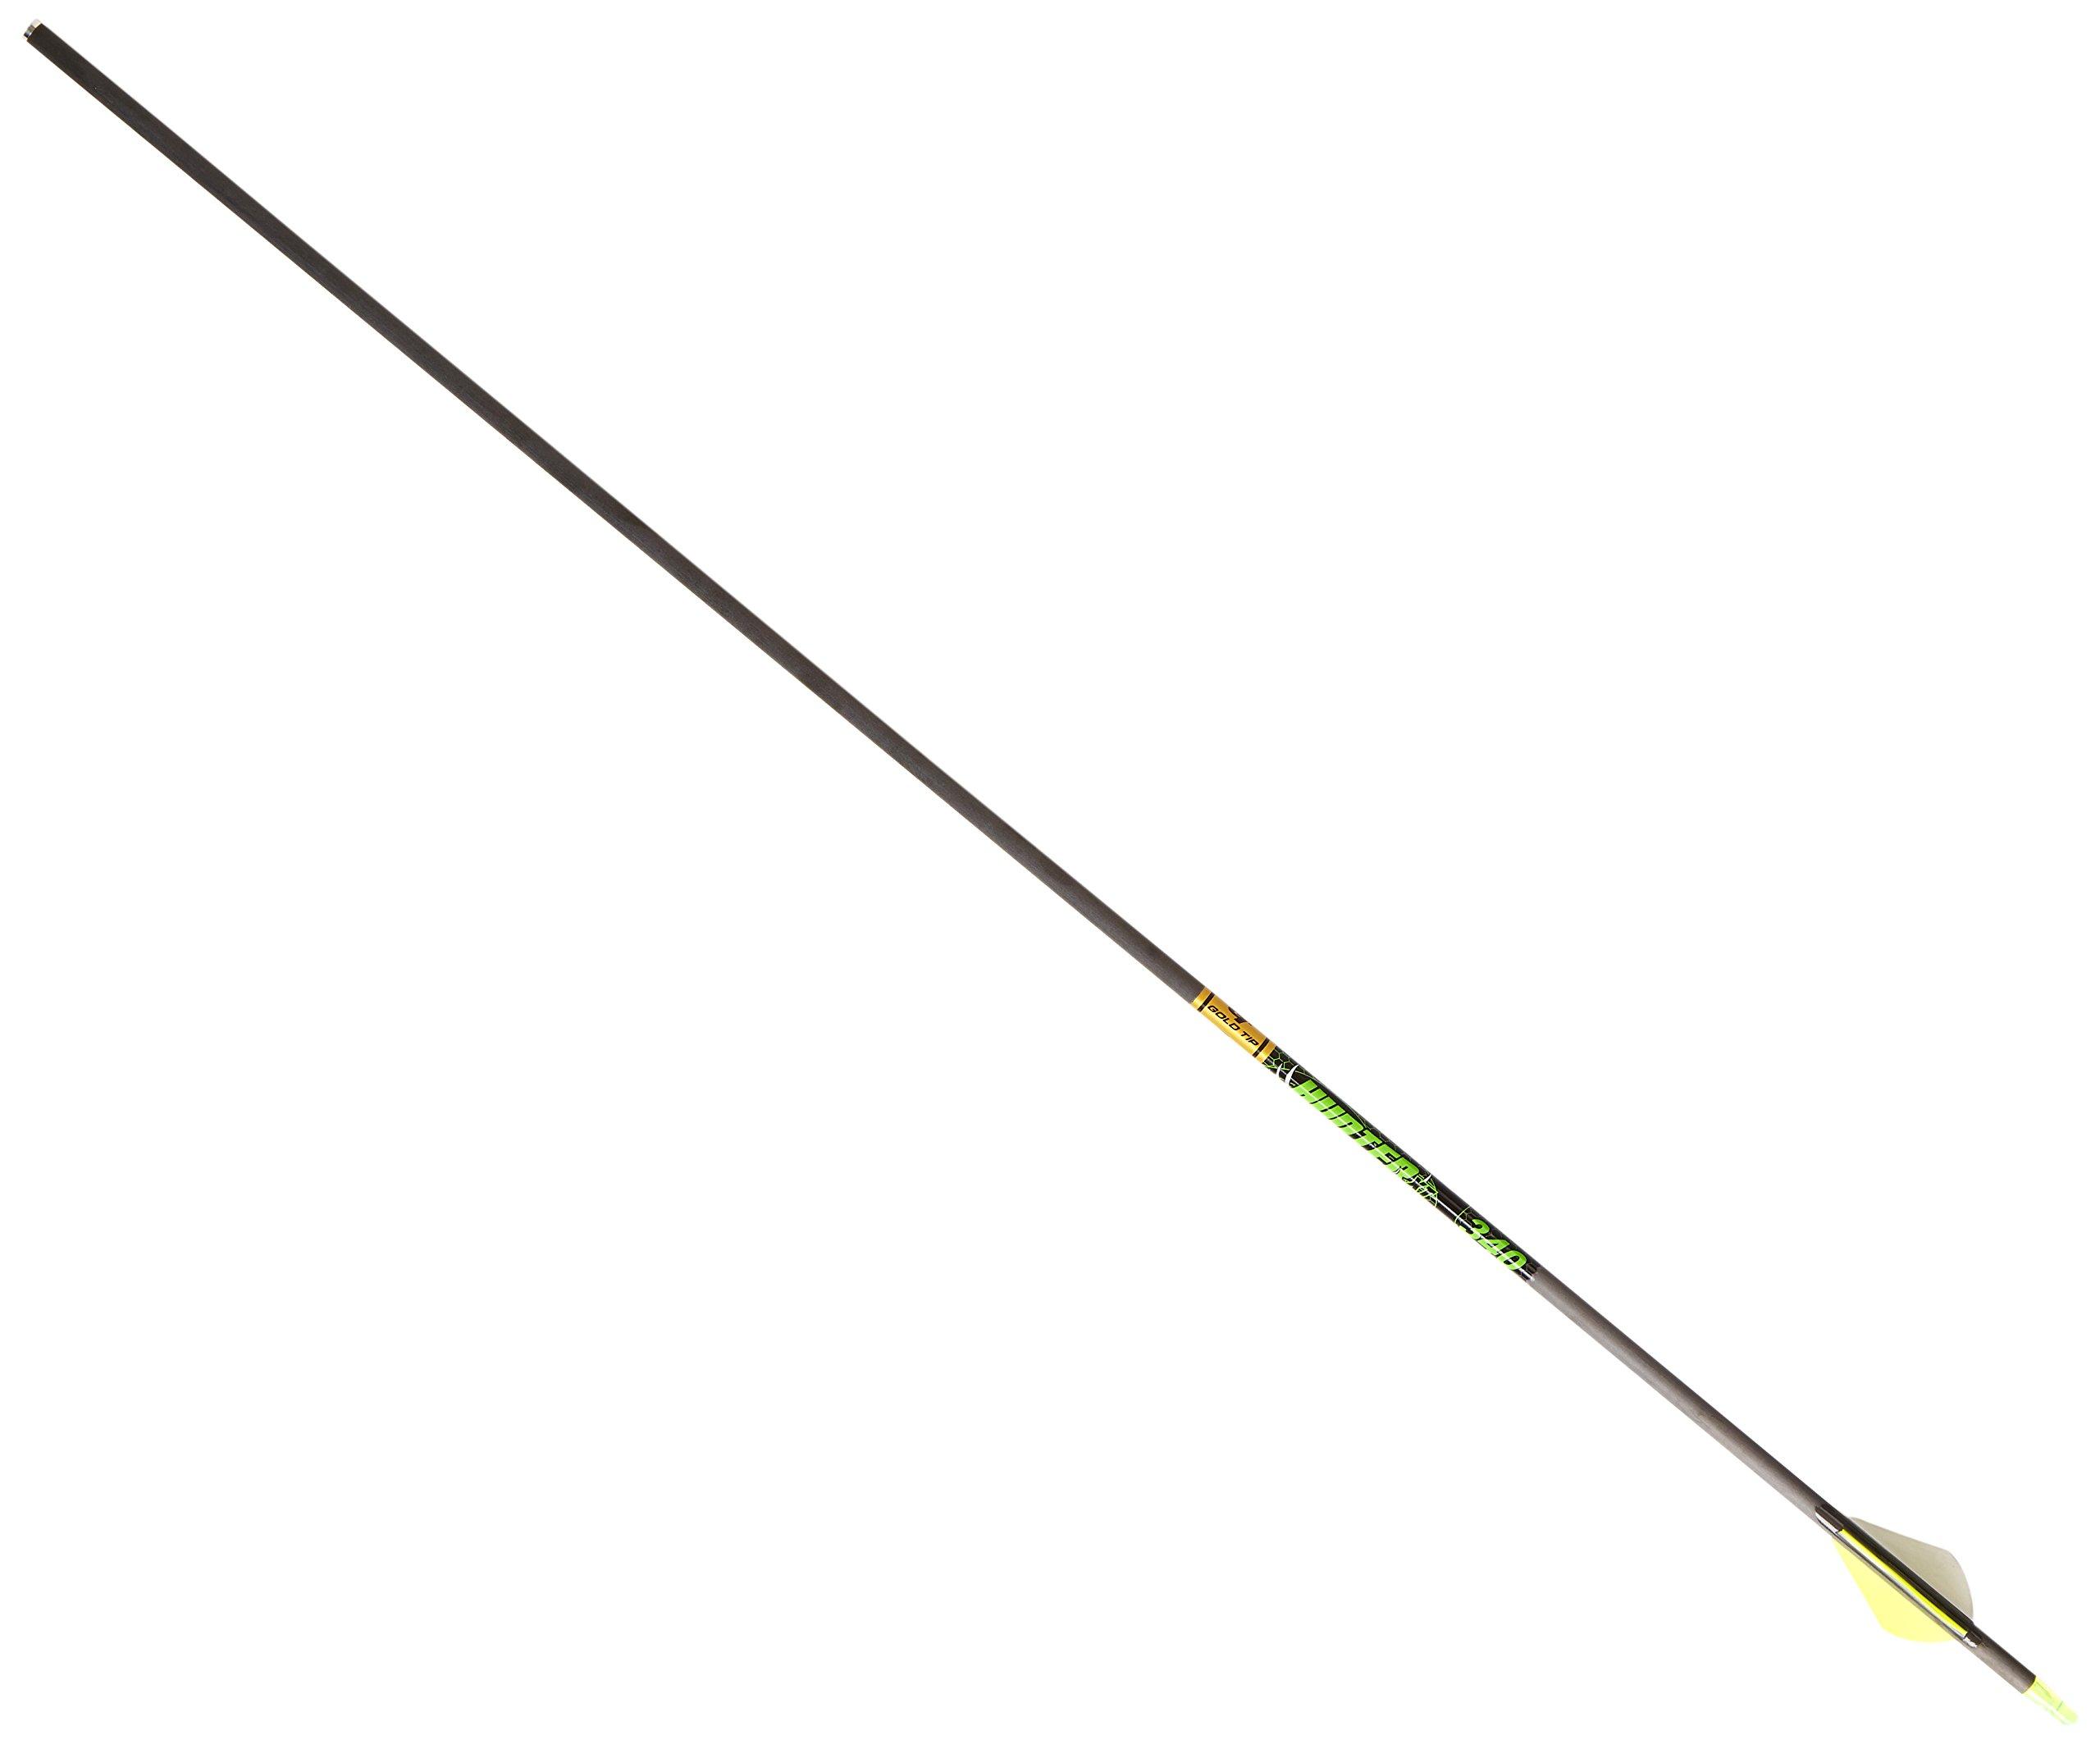 Gold Tip Hunter XT Arrows with Raptor Vane (Pack of 6), Black, 300